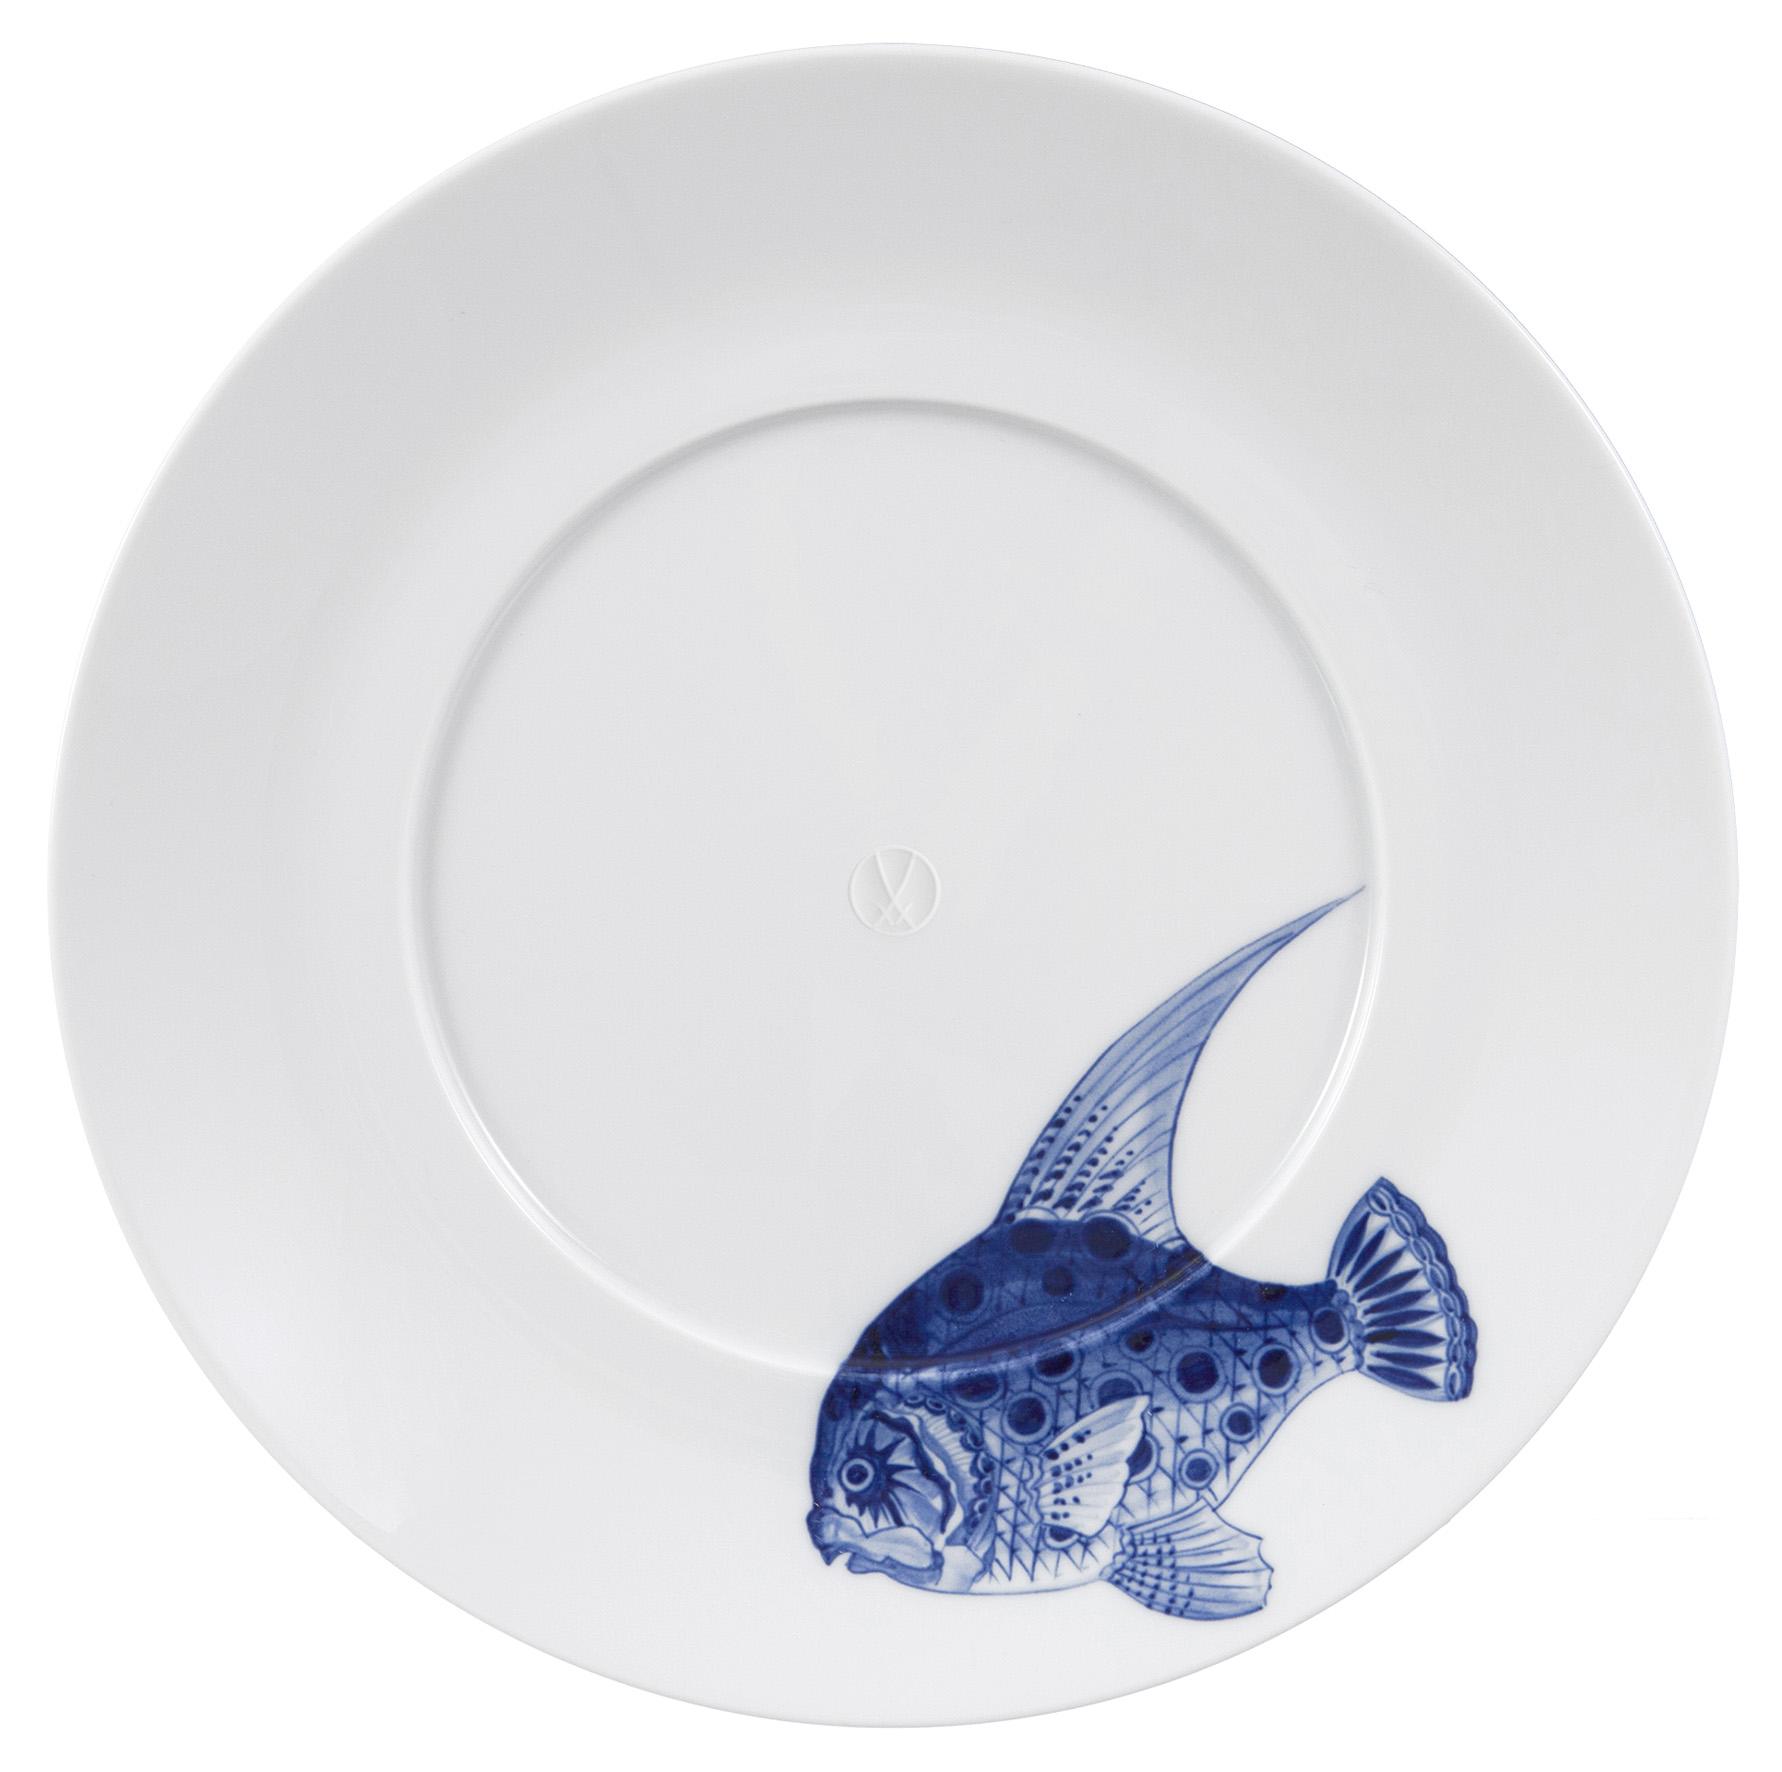 Gourmetteller 28,5cm, Motive Fisch Cosmopolitan Meissen